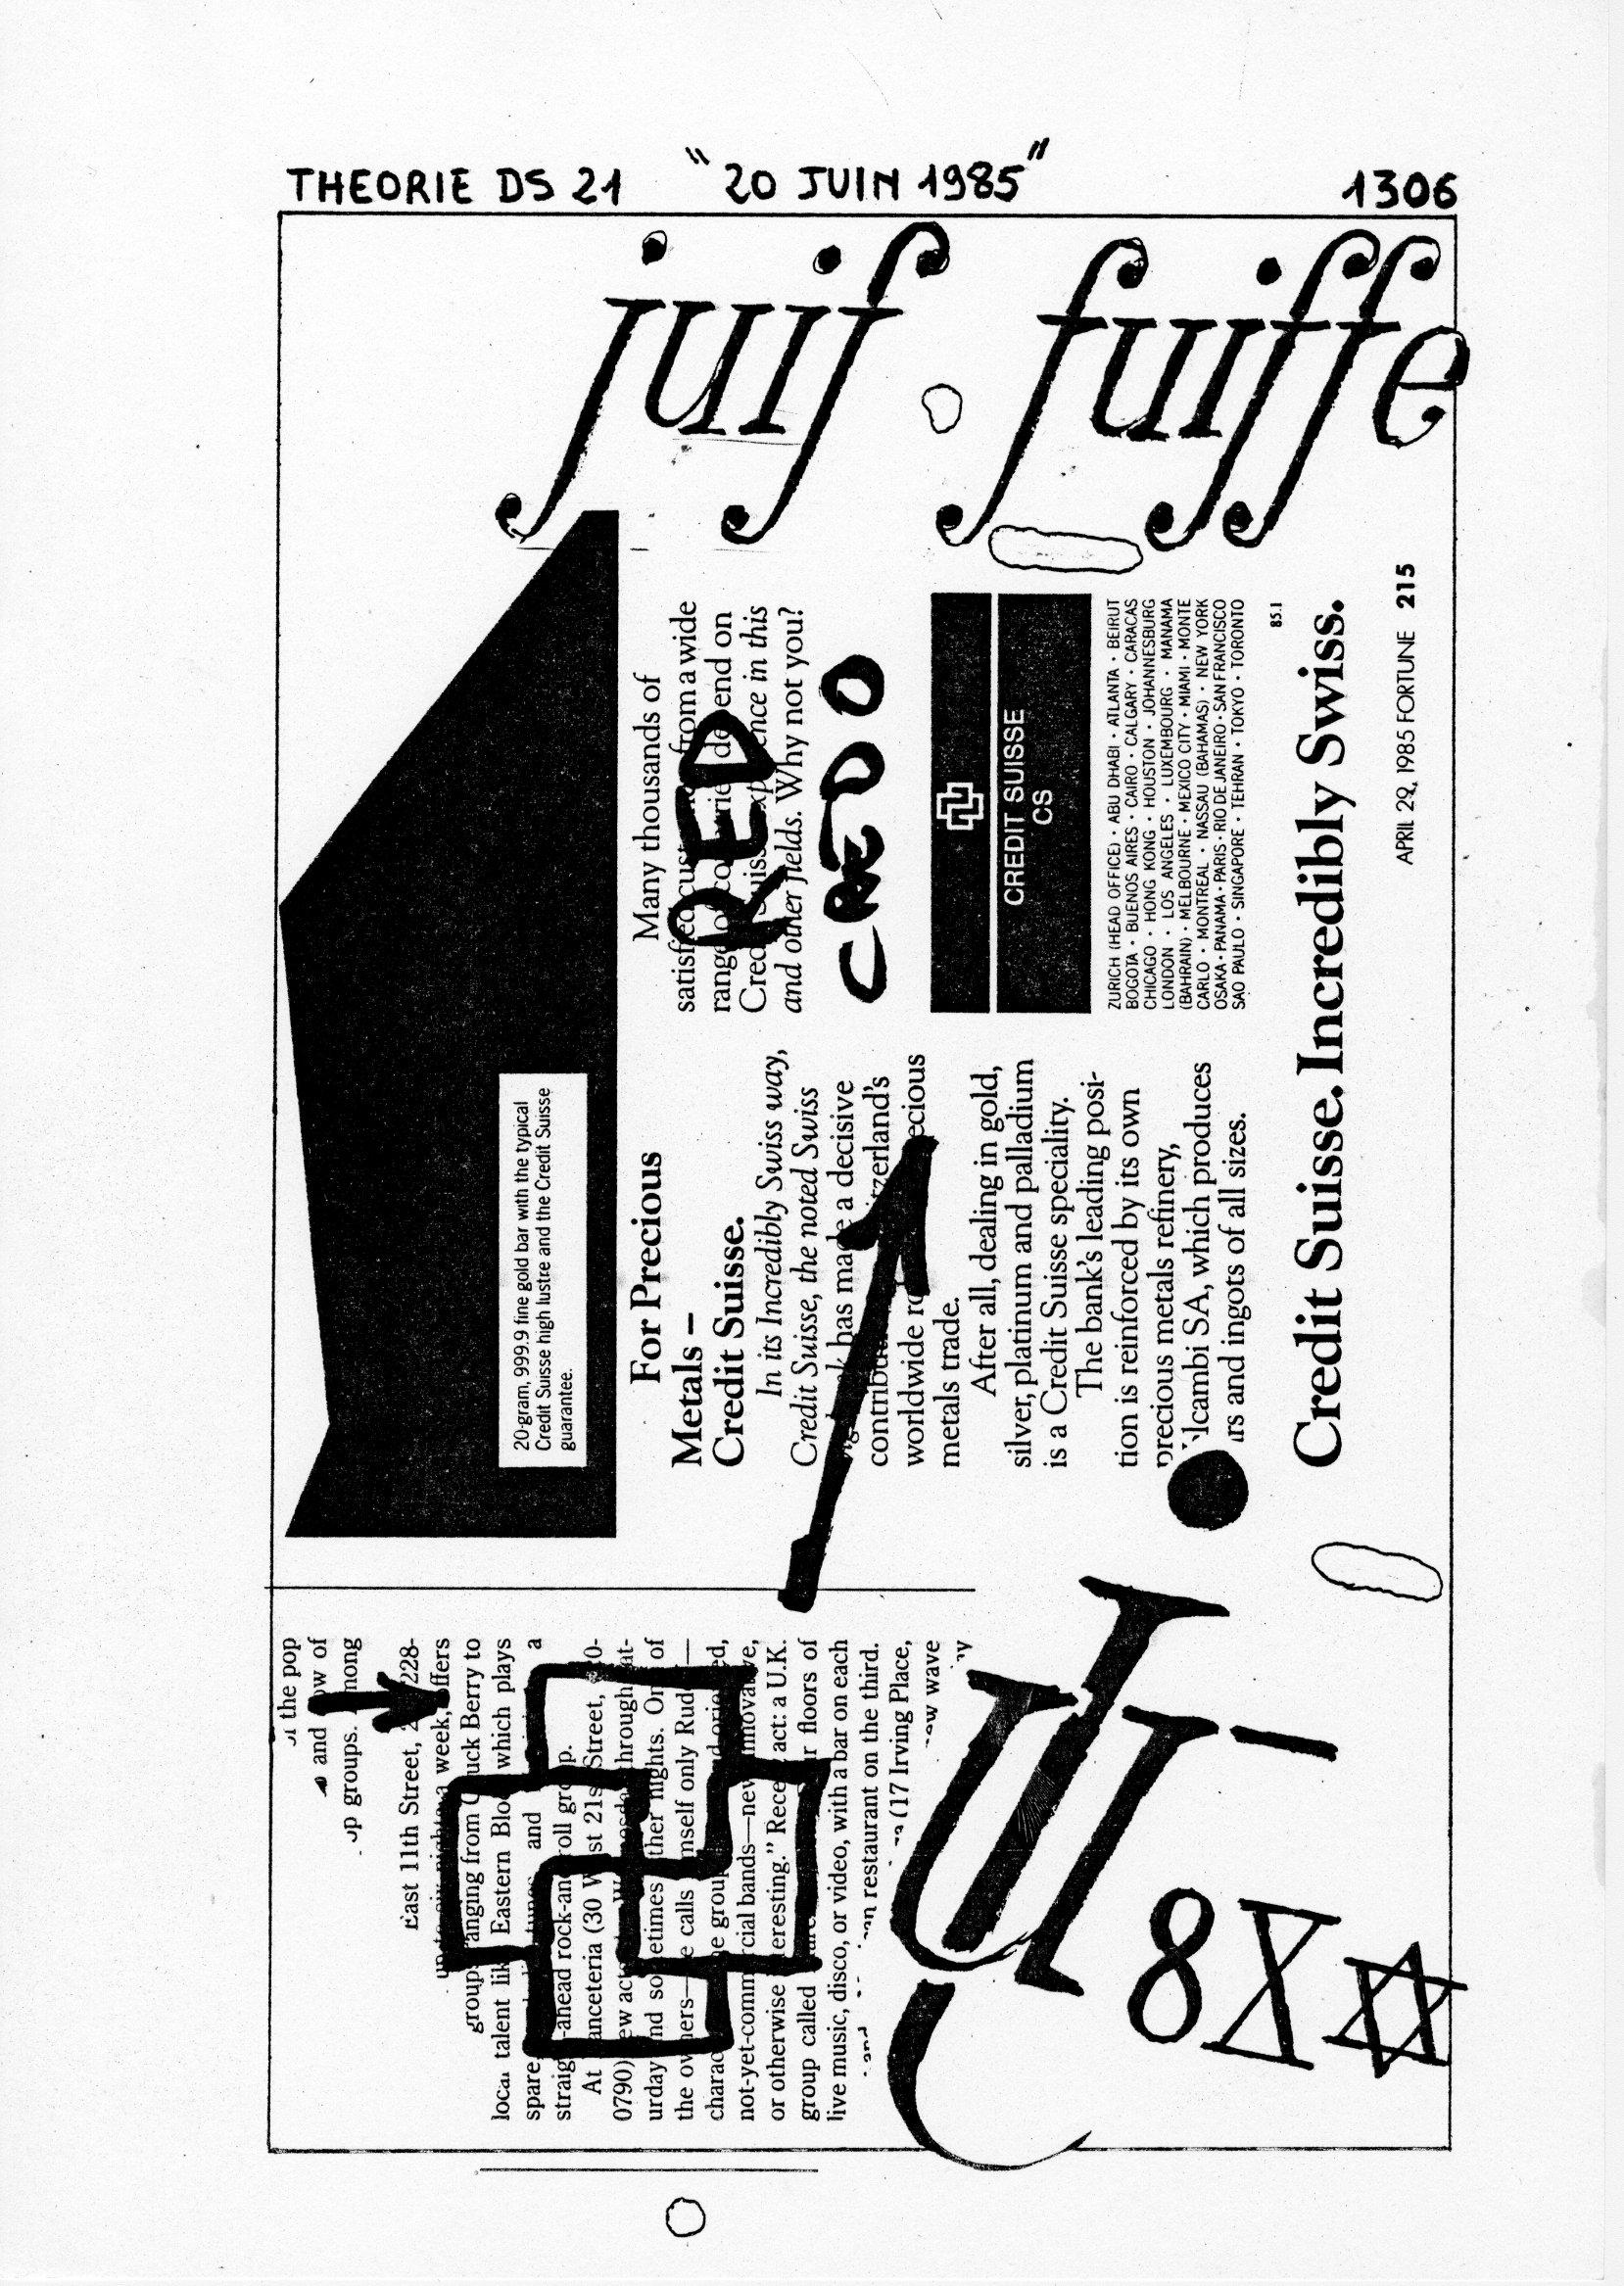 page 1306 Théorie D.S. 21 20 JUIN 1985